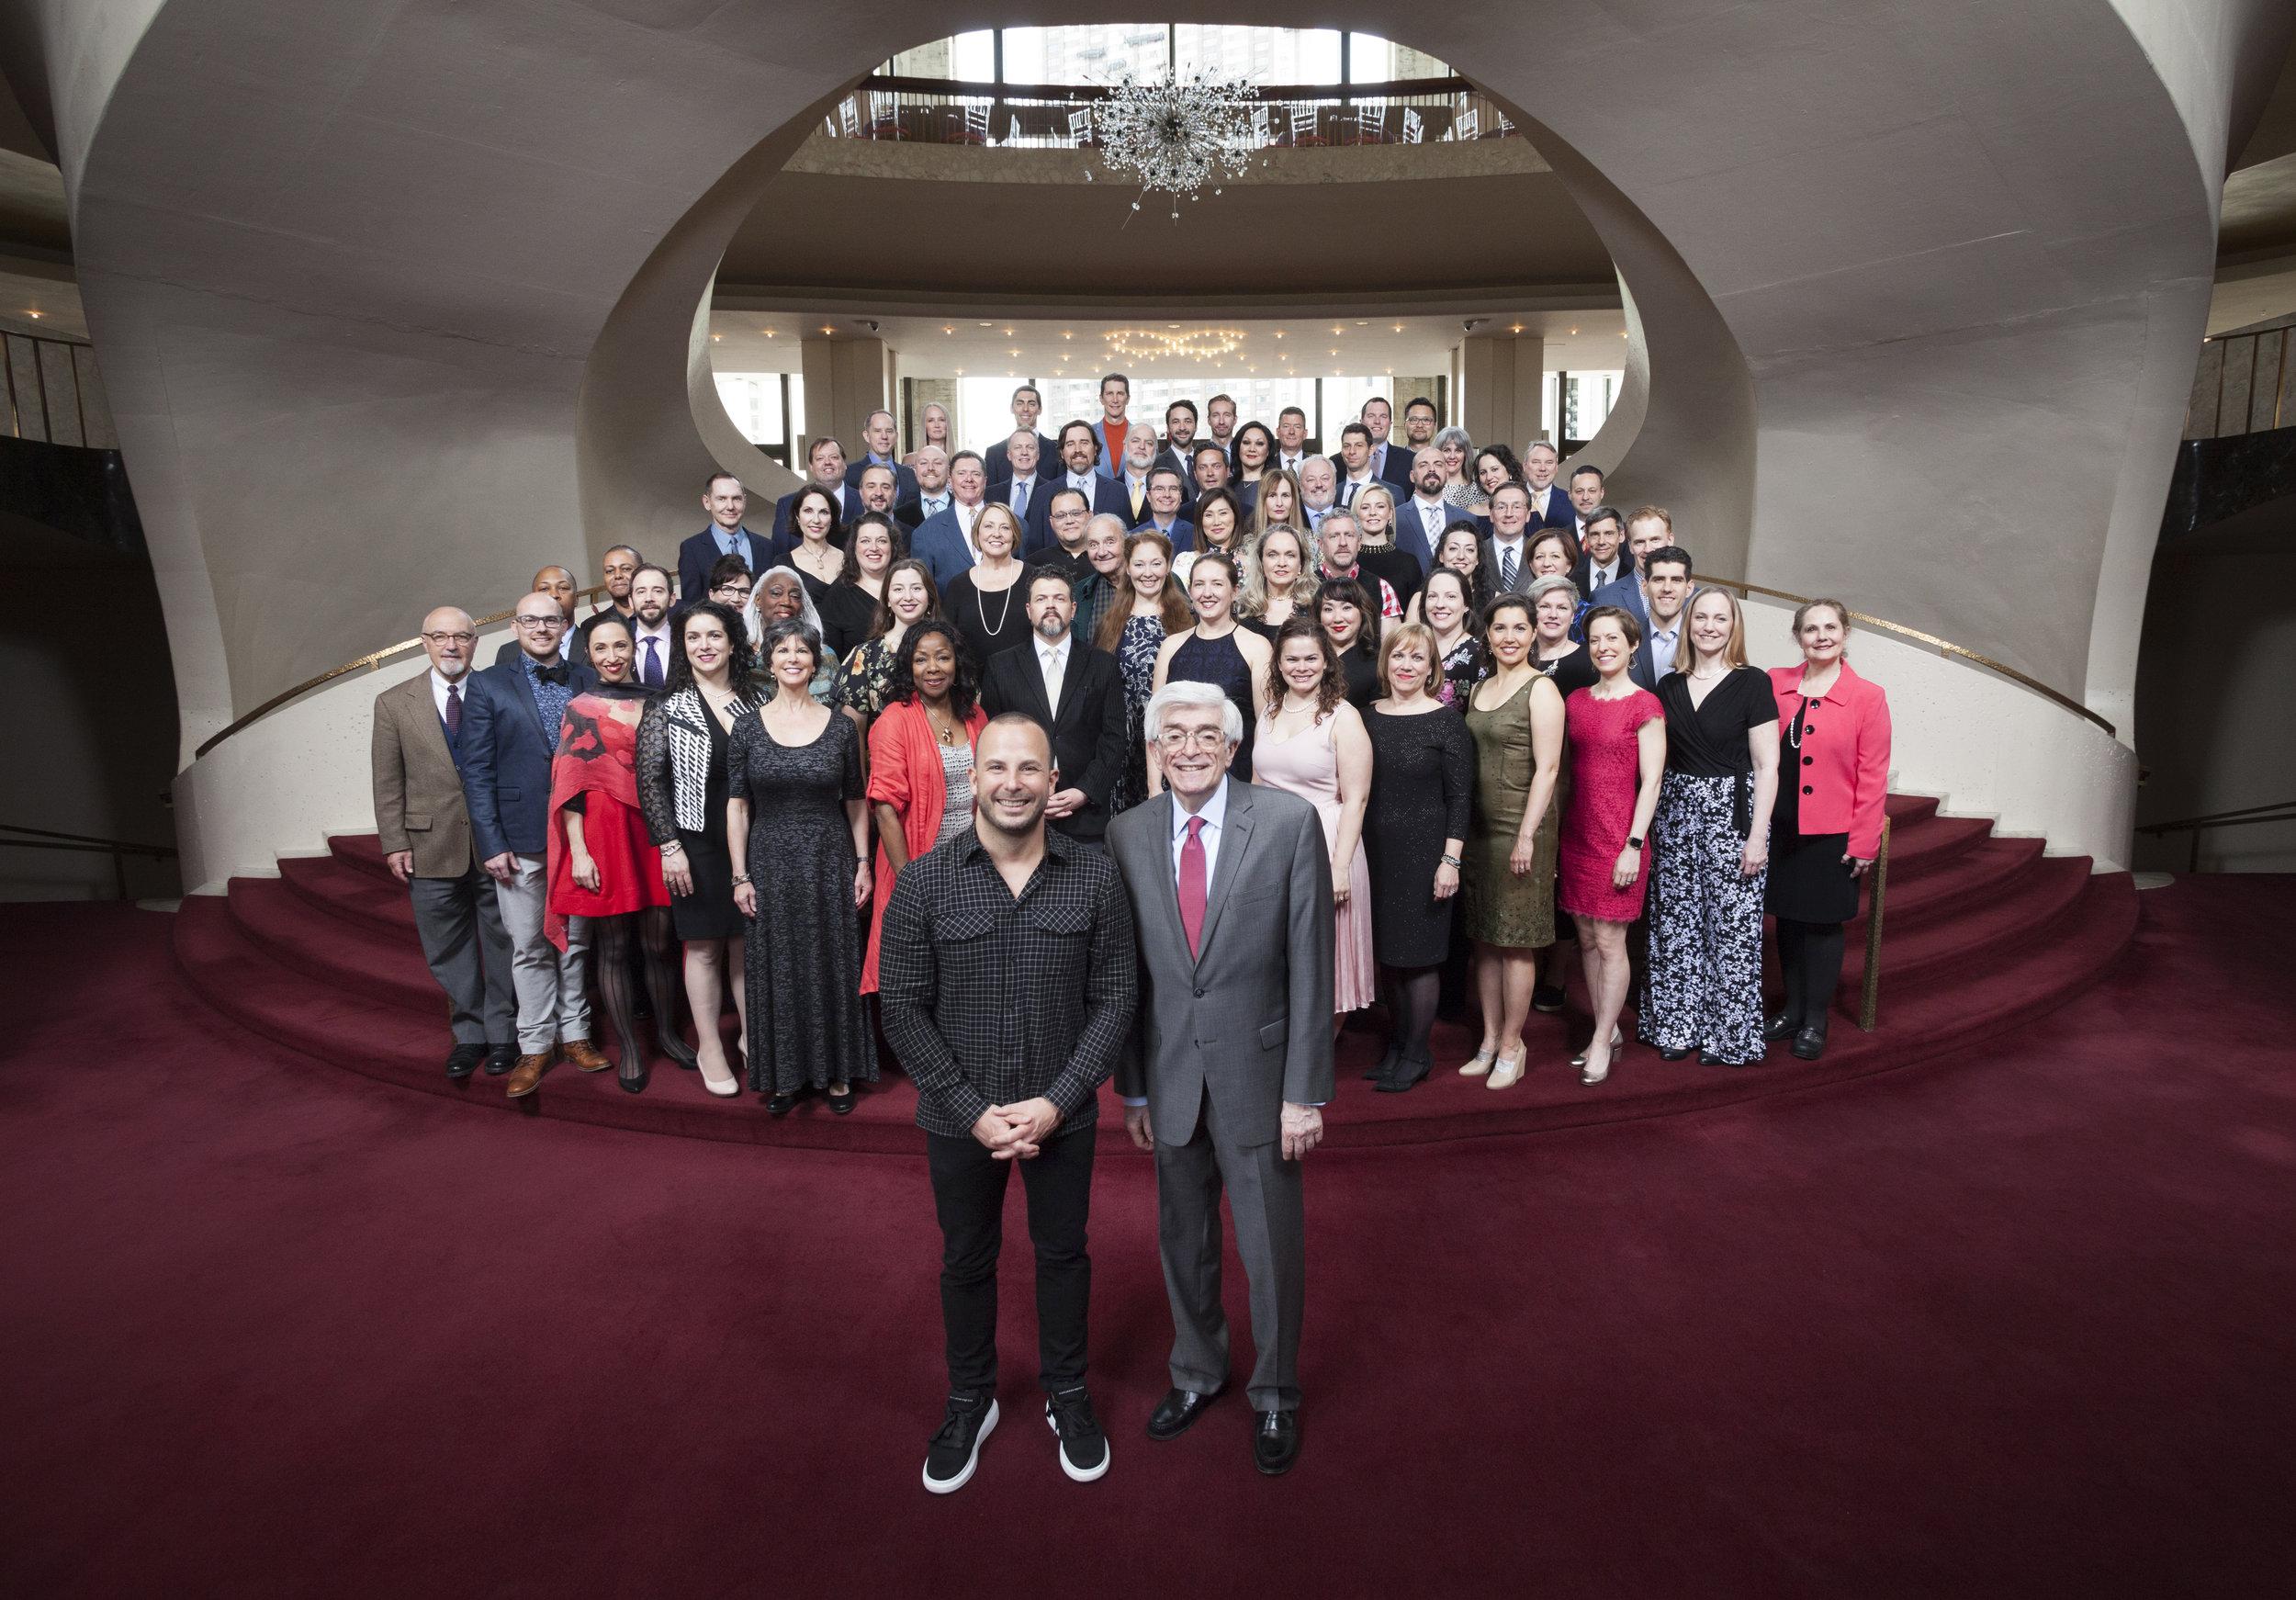 The Metropolitan Opera Chorus, Music Director Yannick Nézet-Séguin, and Chorus Master Donald Palumbo. Photo: Rose Callahan / Met Opera